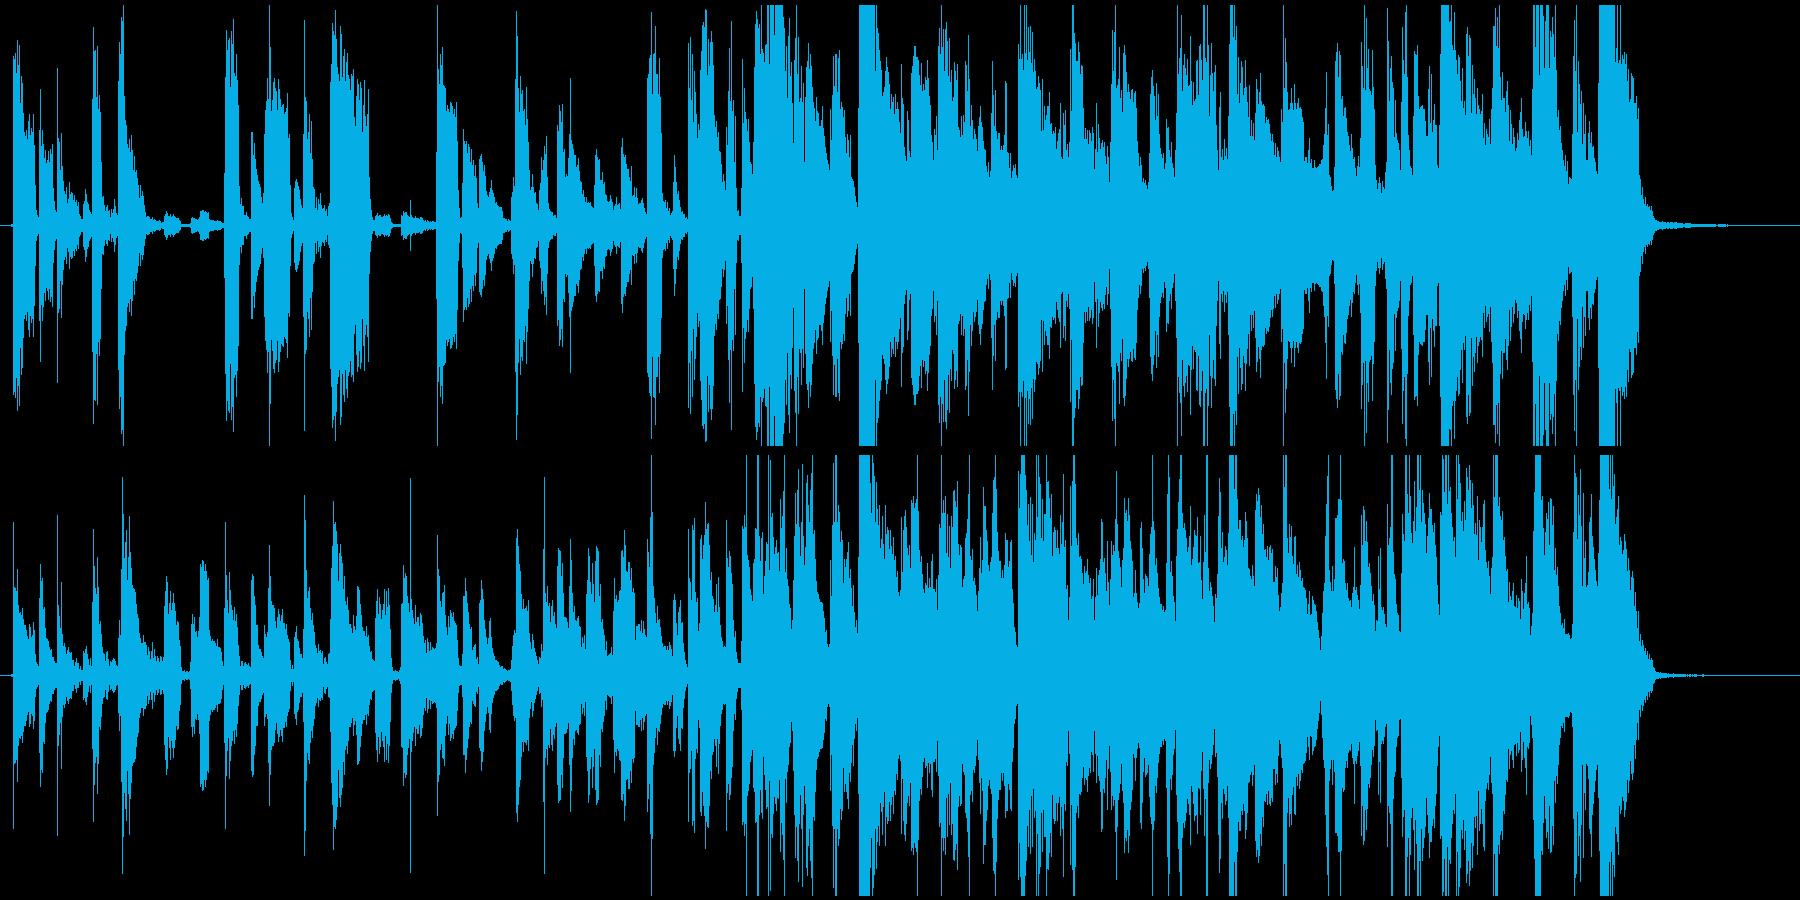 エレピとギターカッティングのジングルの再生済みの波形